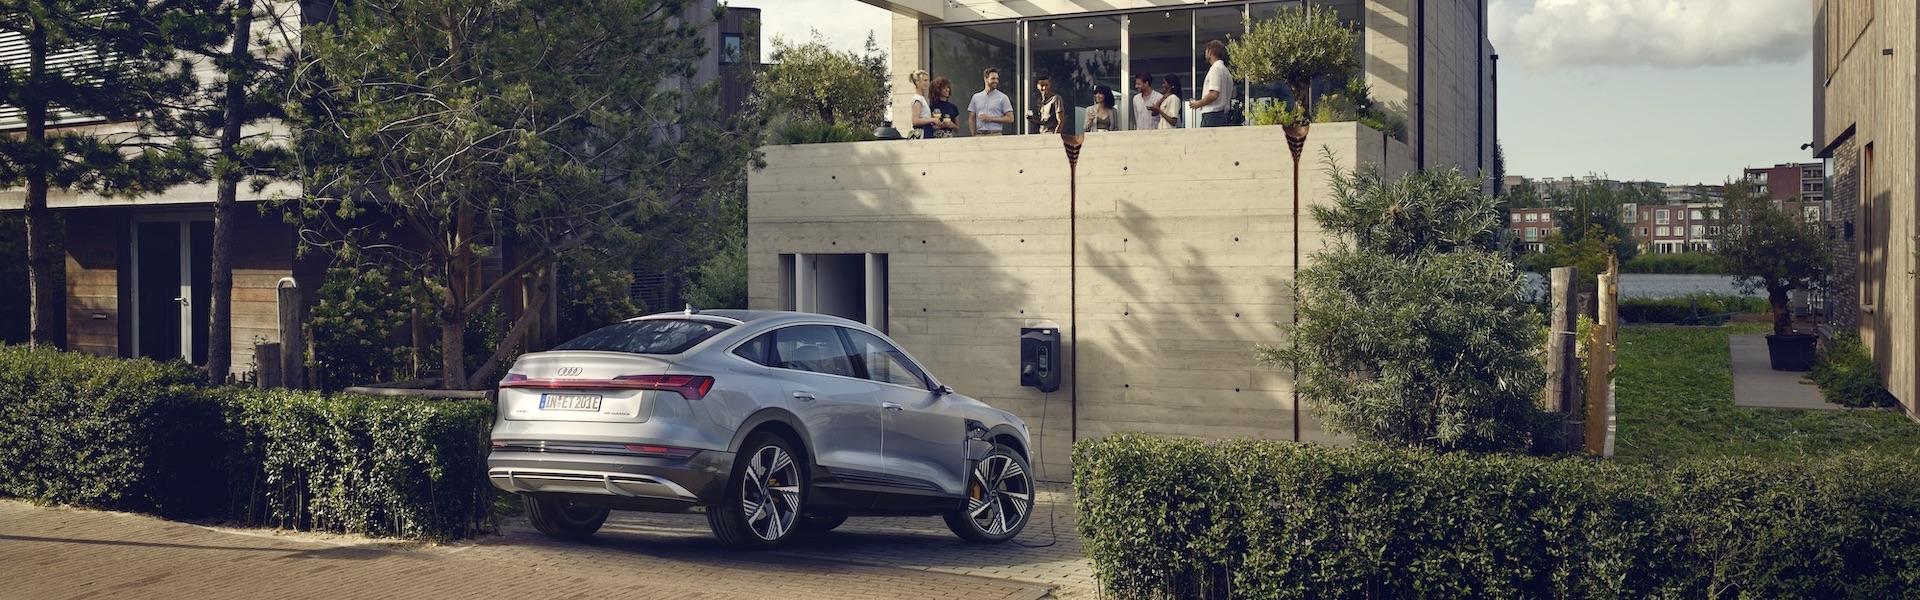 eletrični avtomobil Audi e-tron se polni pred garažo